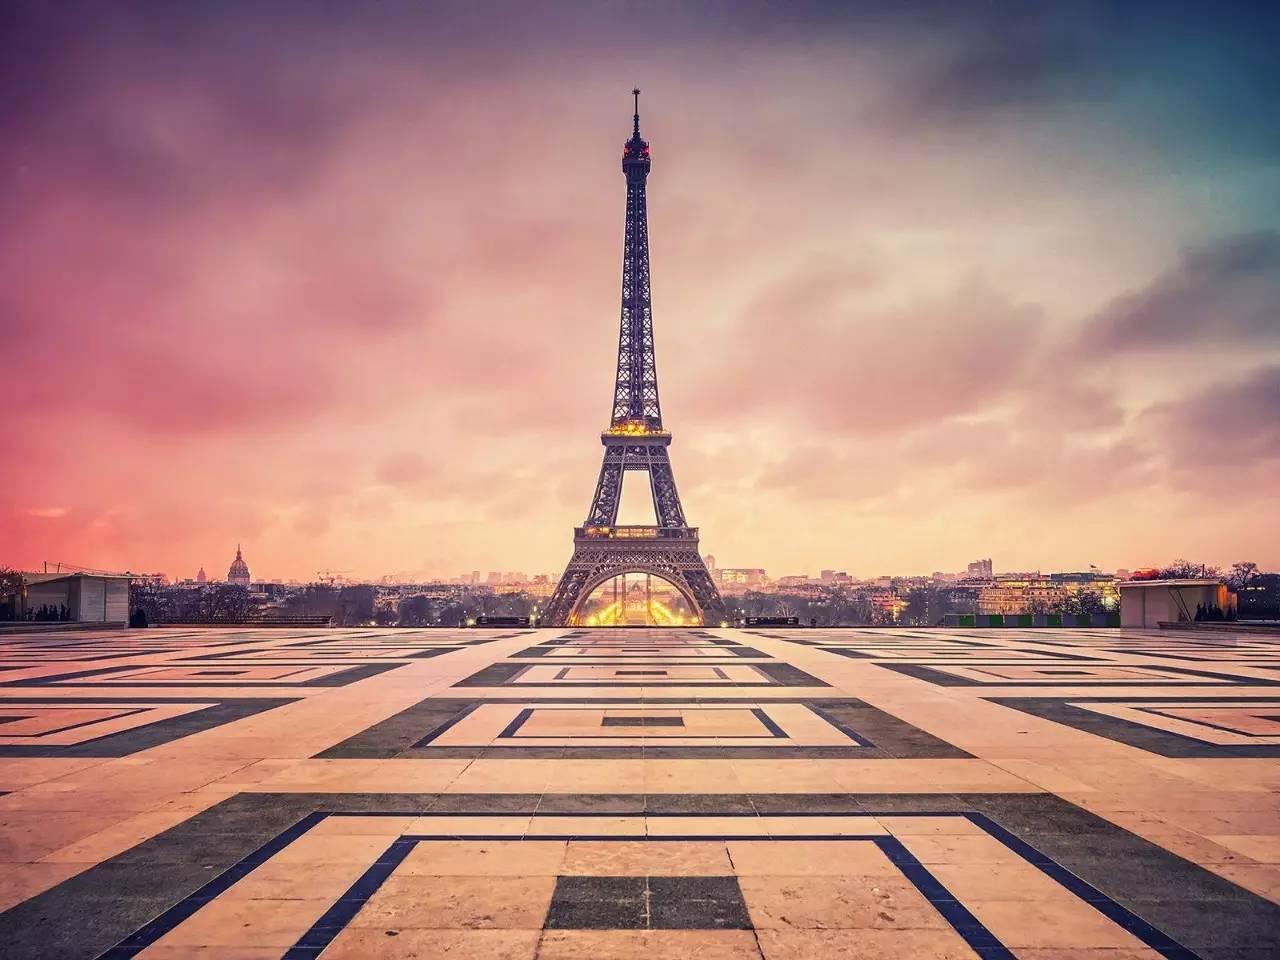 全球最浪漫的蜜月旅行地,你想带她去第几个?